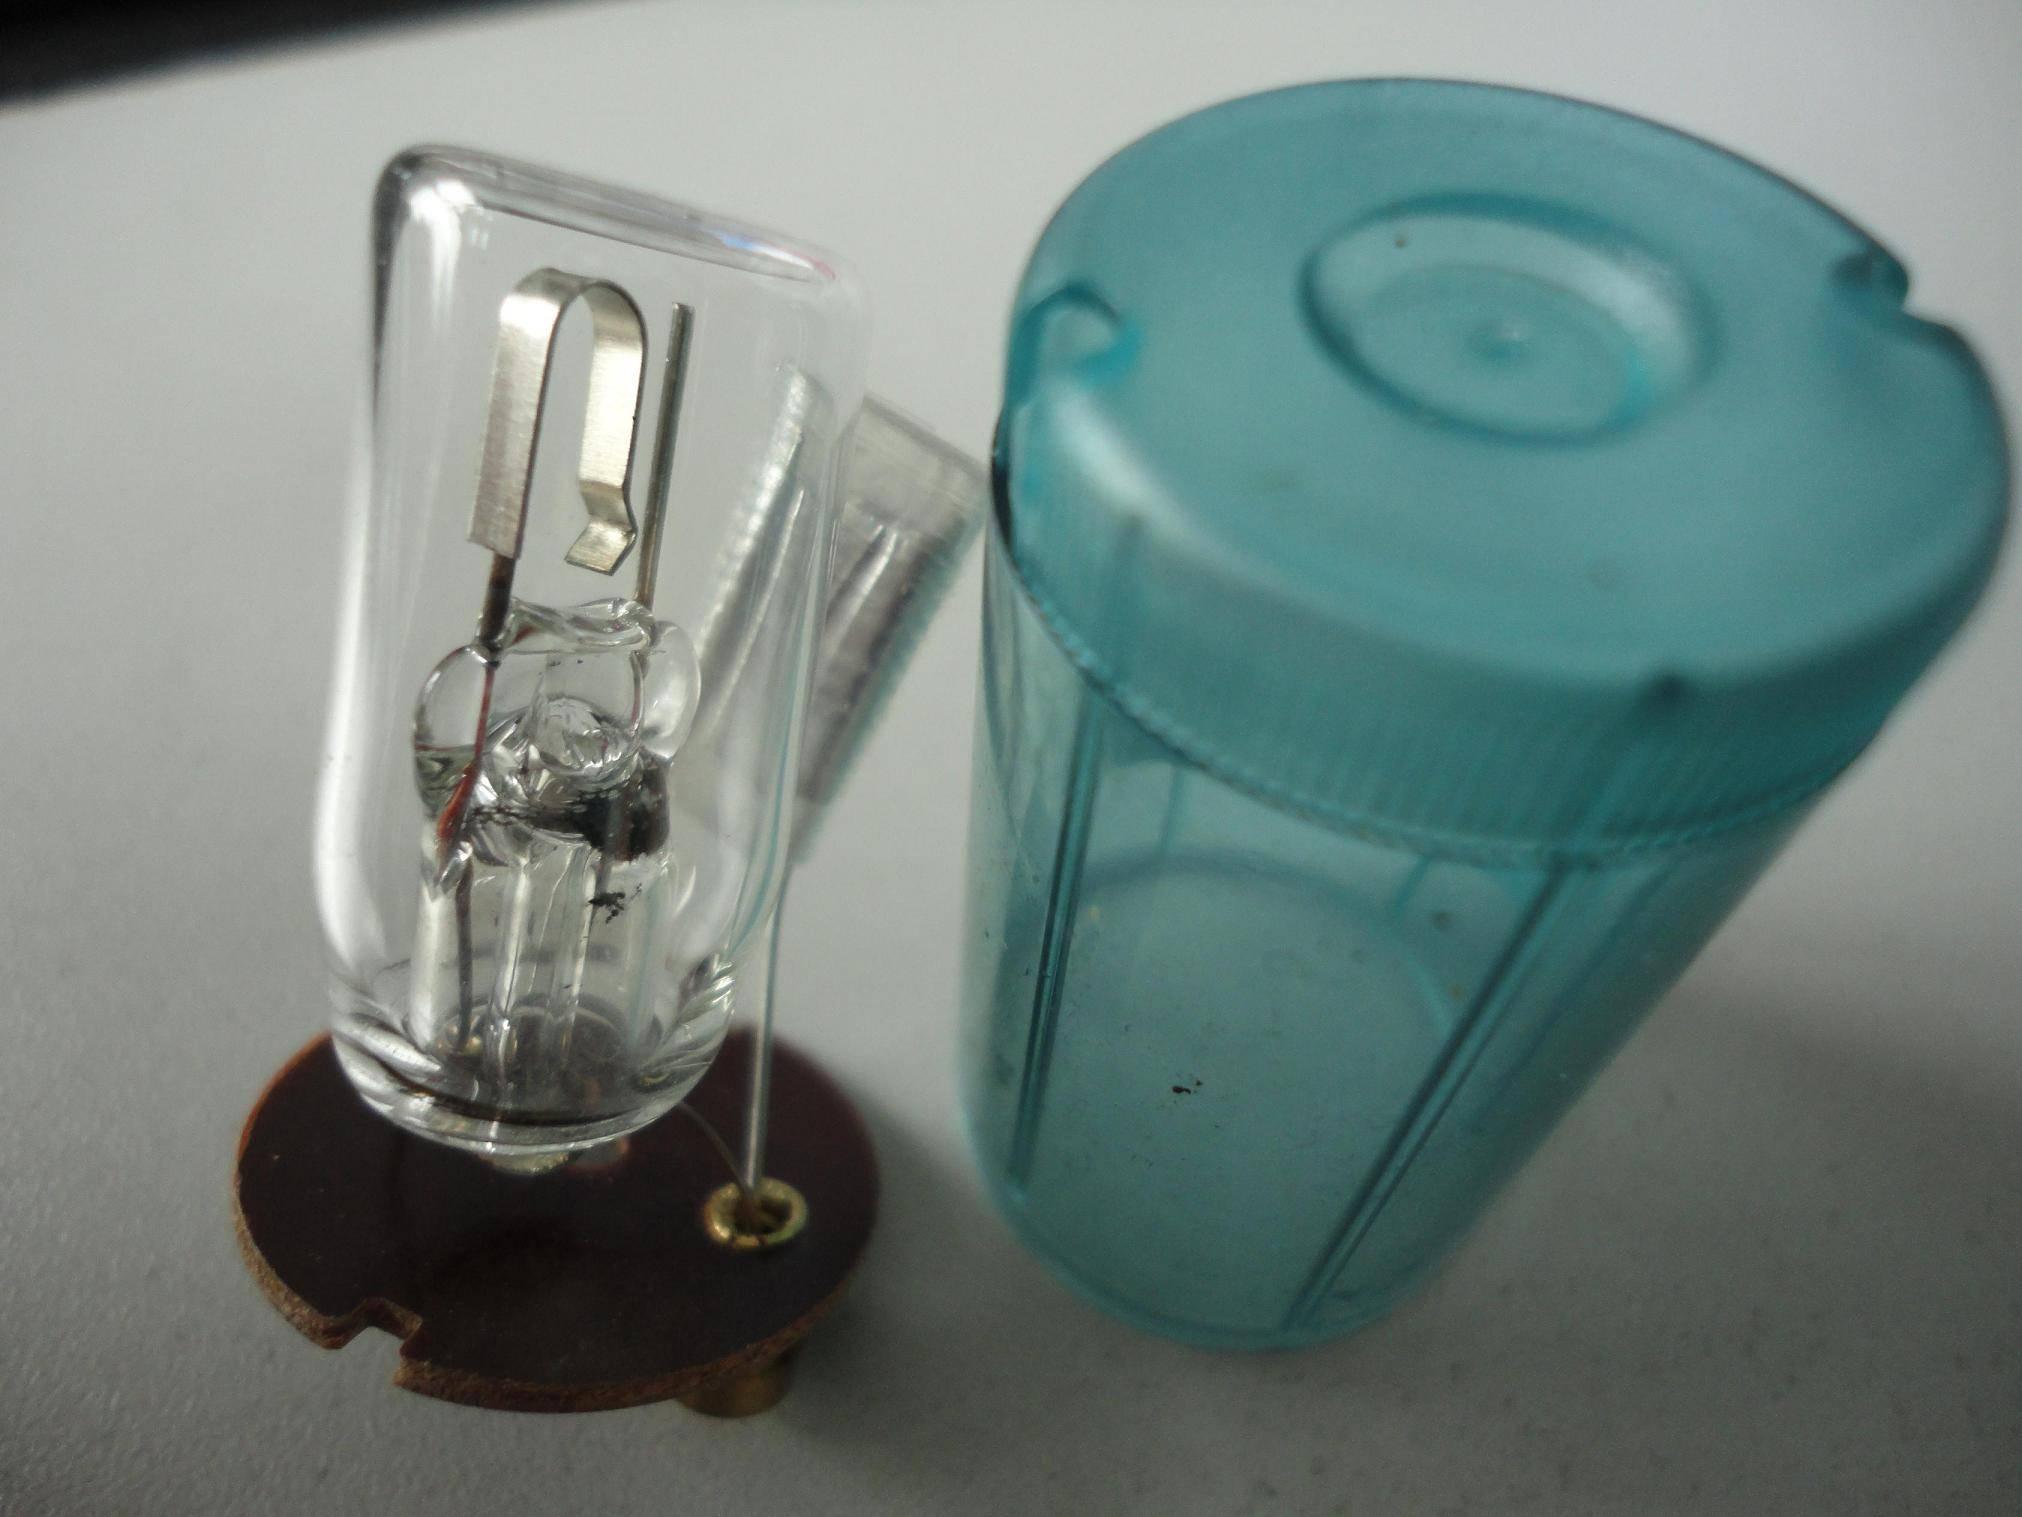 220-240V/250V,4-65w/4-80w,FlatBulb/SharpBulb,glow starter for fluorescent lamp(CE&ROHS